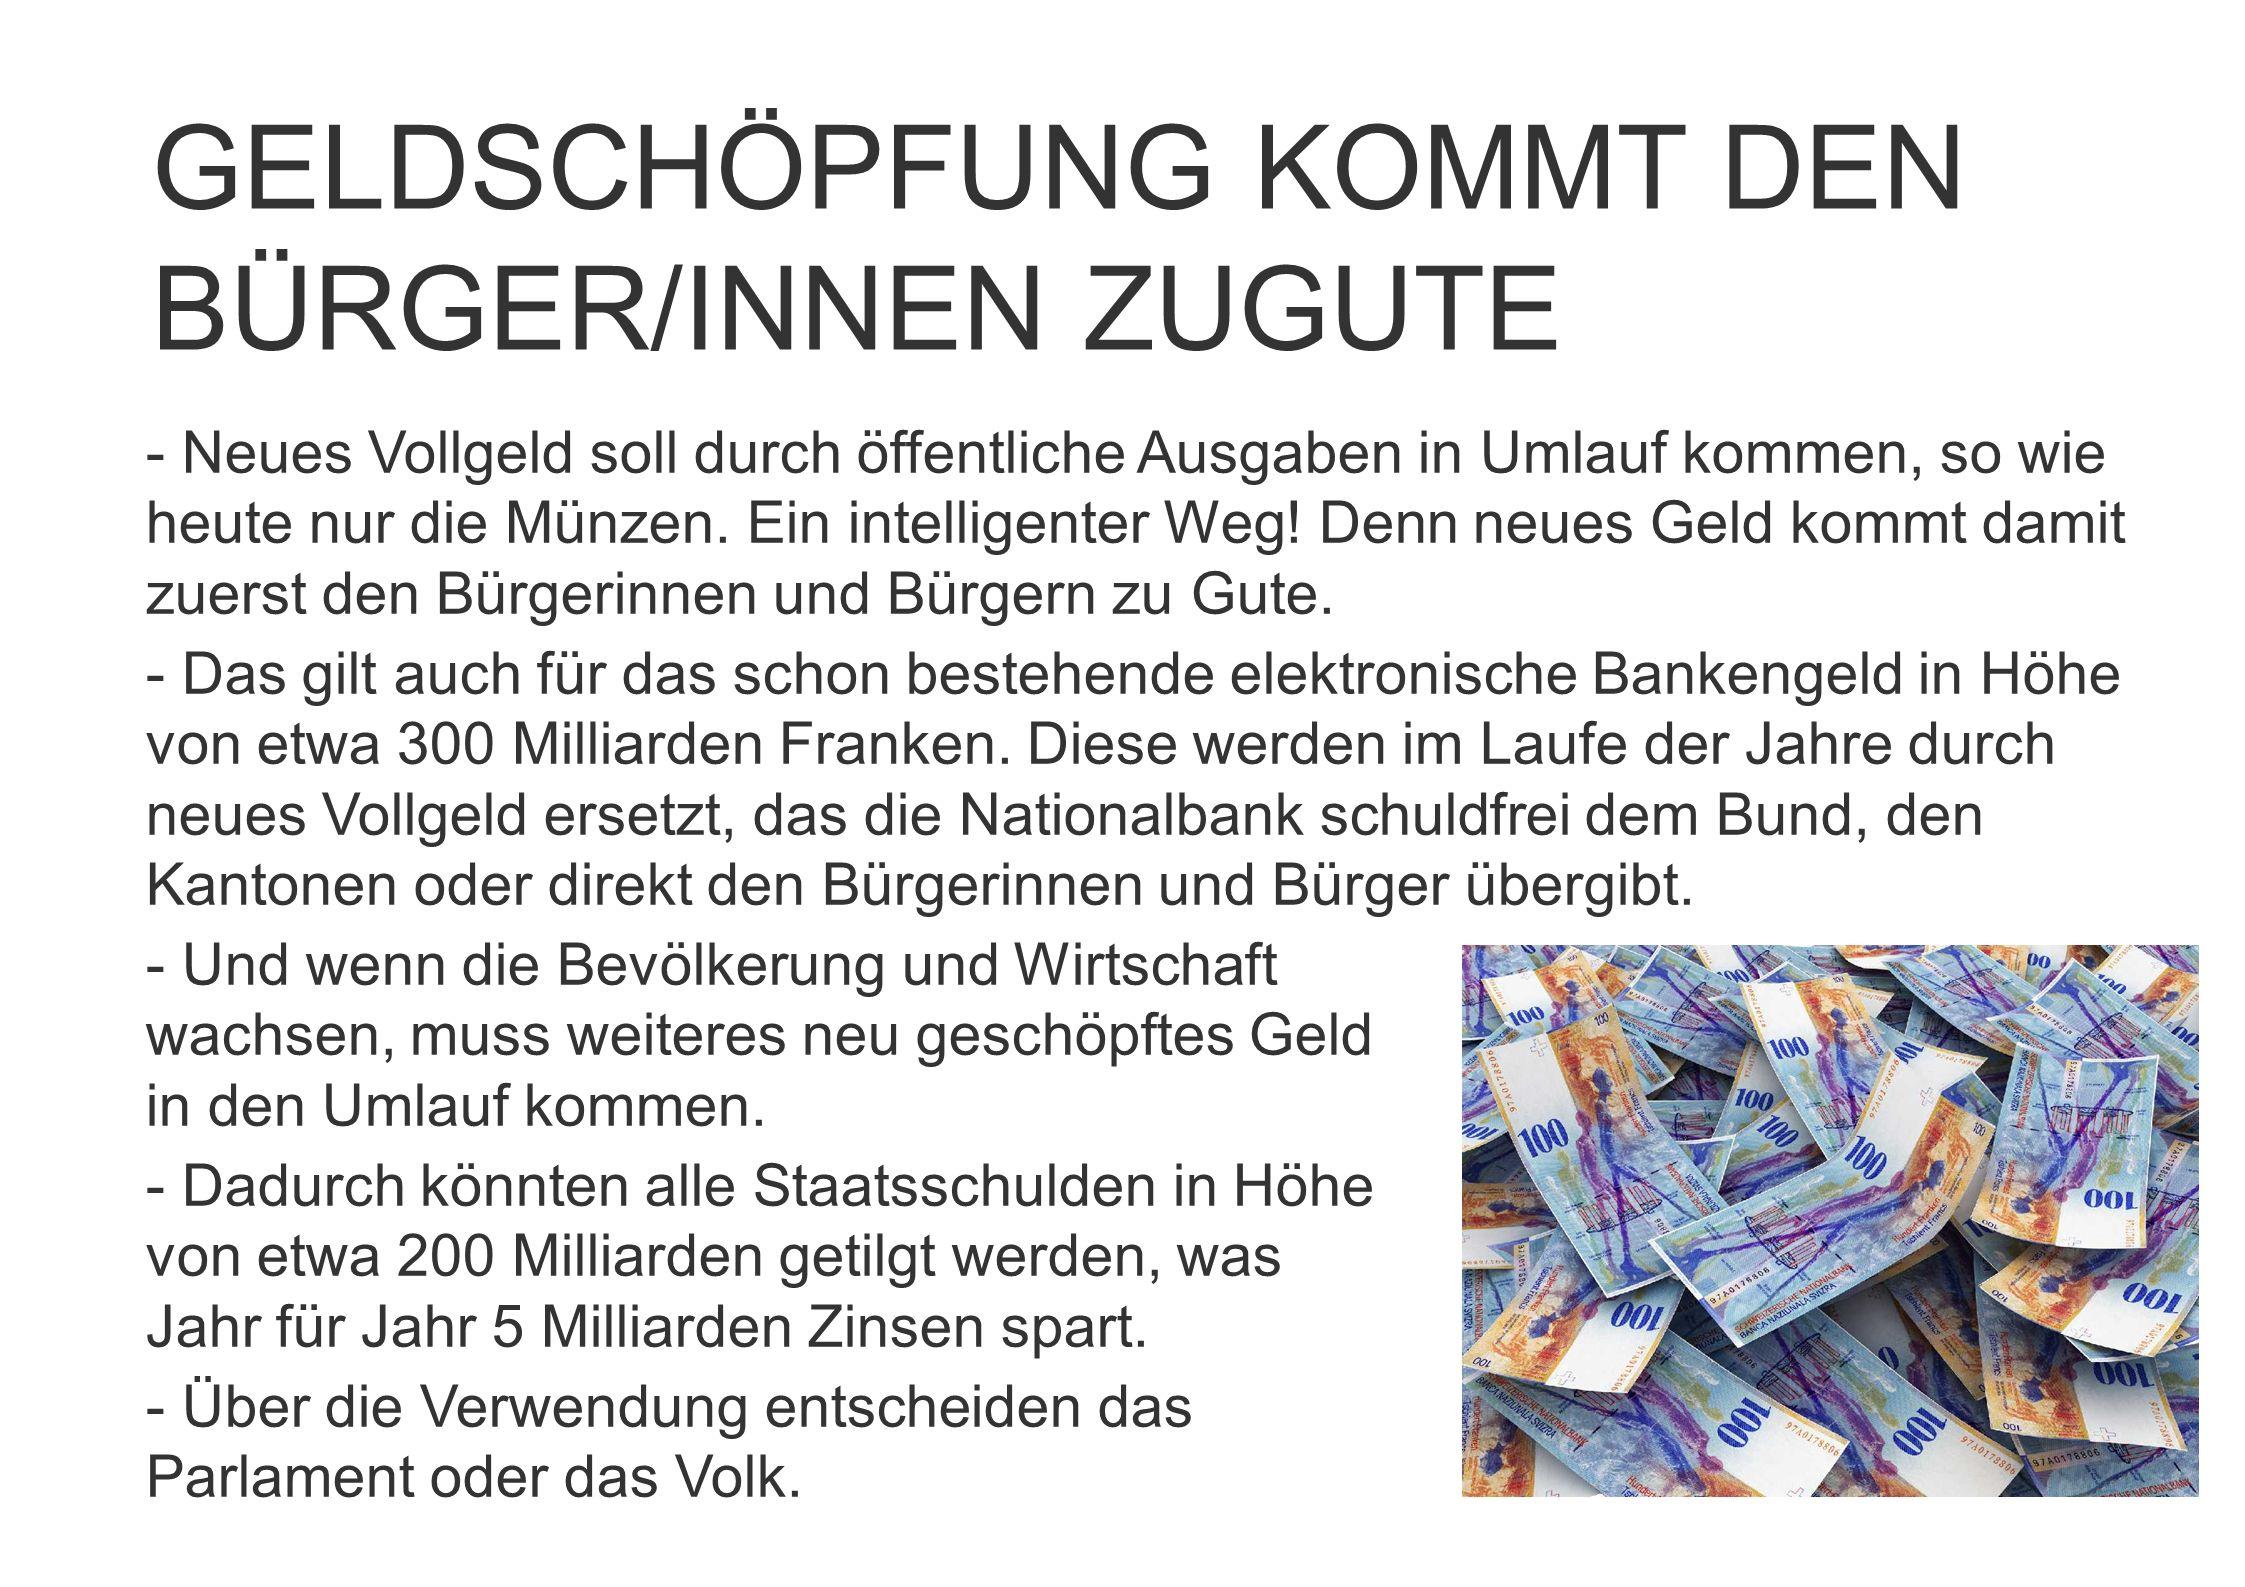 - Neues Vollgeld soll durch öffentliche Ausgaben in Umlauf kommen, so wie heute nur die Münzen. Ein intelligenter Weg! Denn neues Geld kommt damit zue